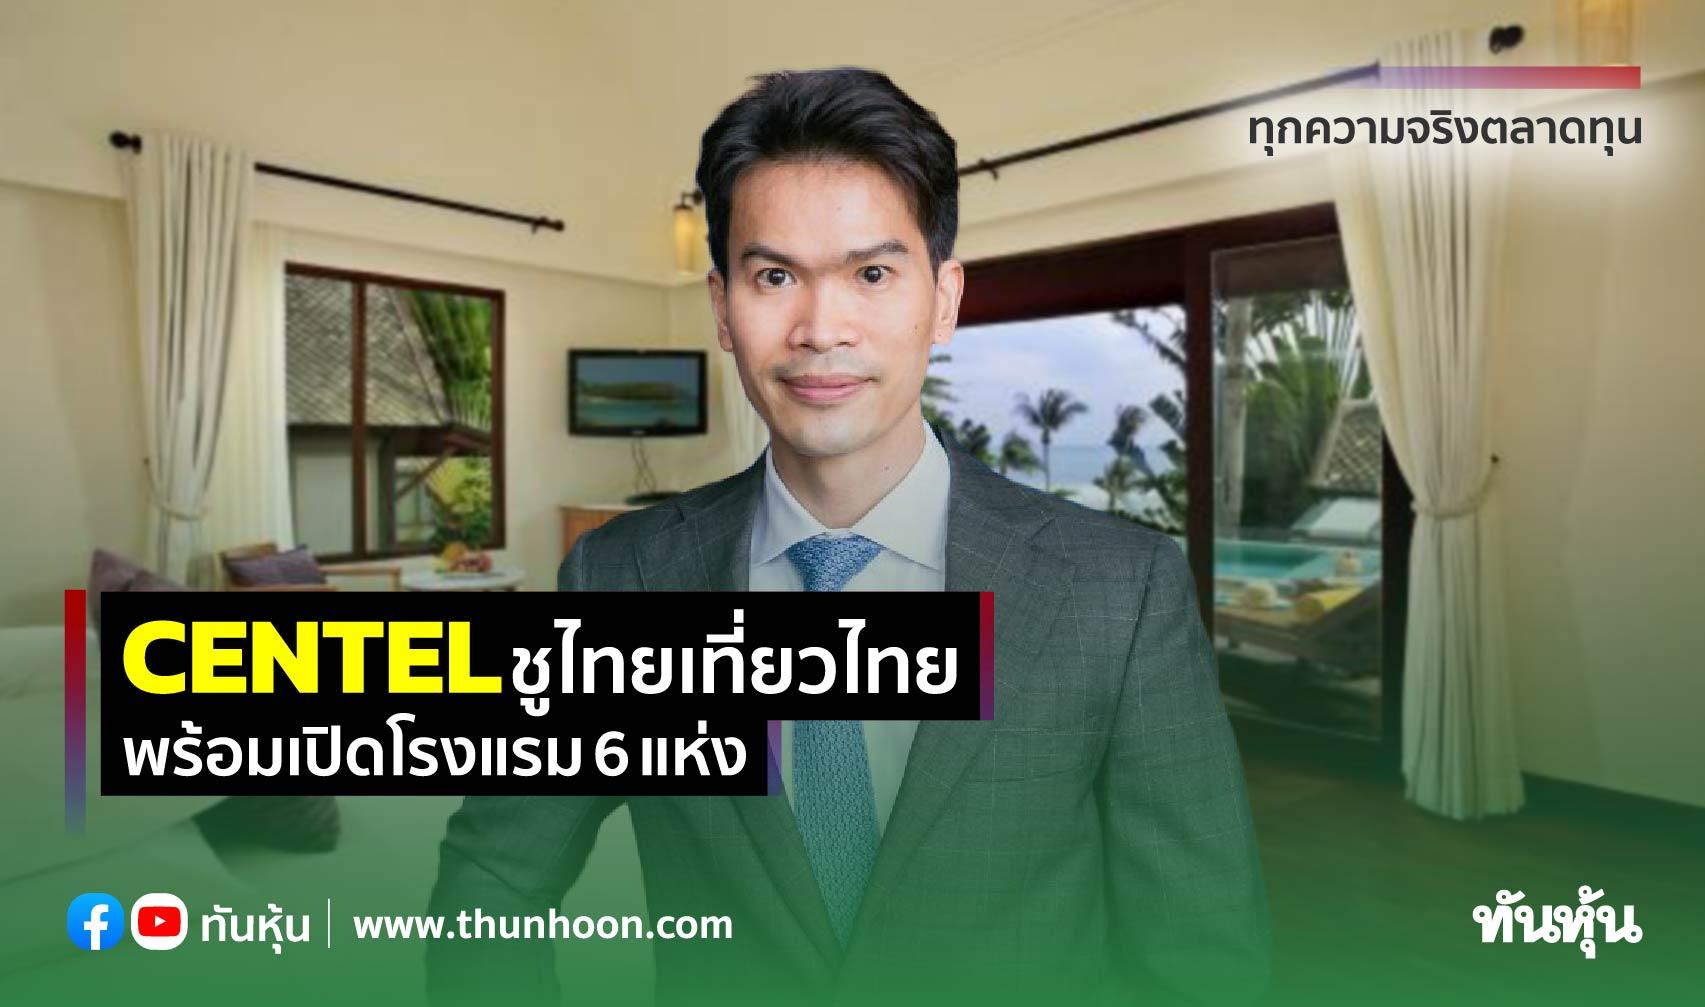 CENTELชูไทยเที่ยวไทย พร้อมเปิดโรงแรม 6 แห่ง